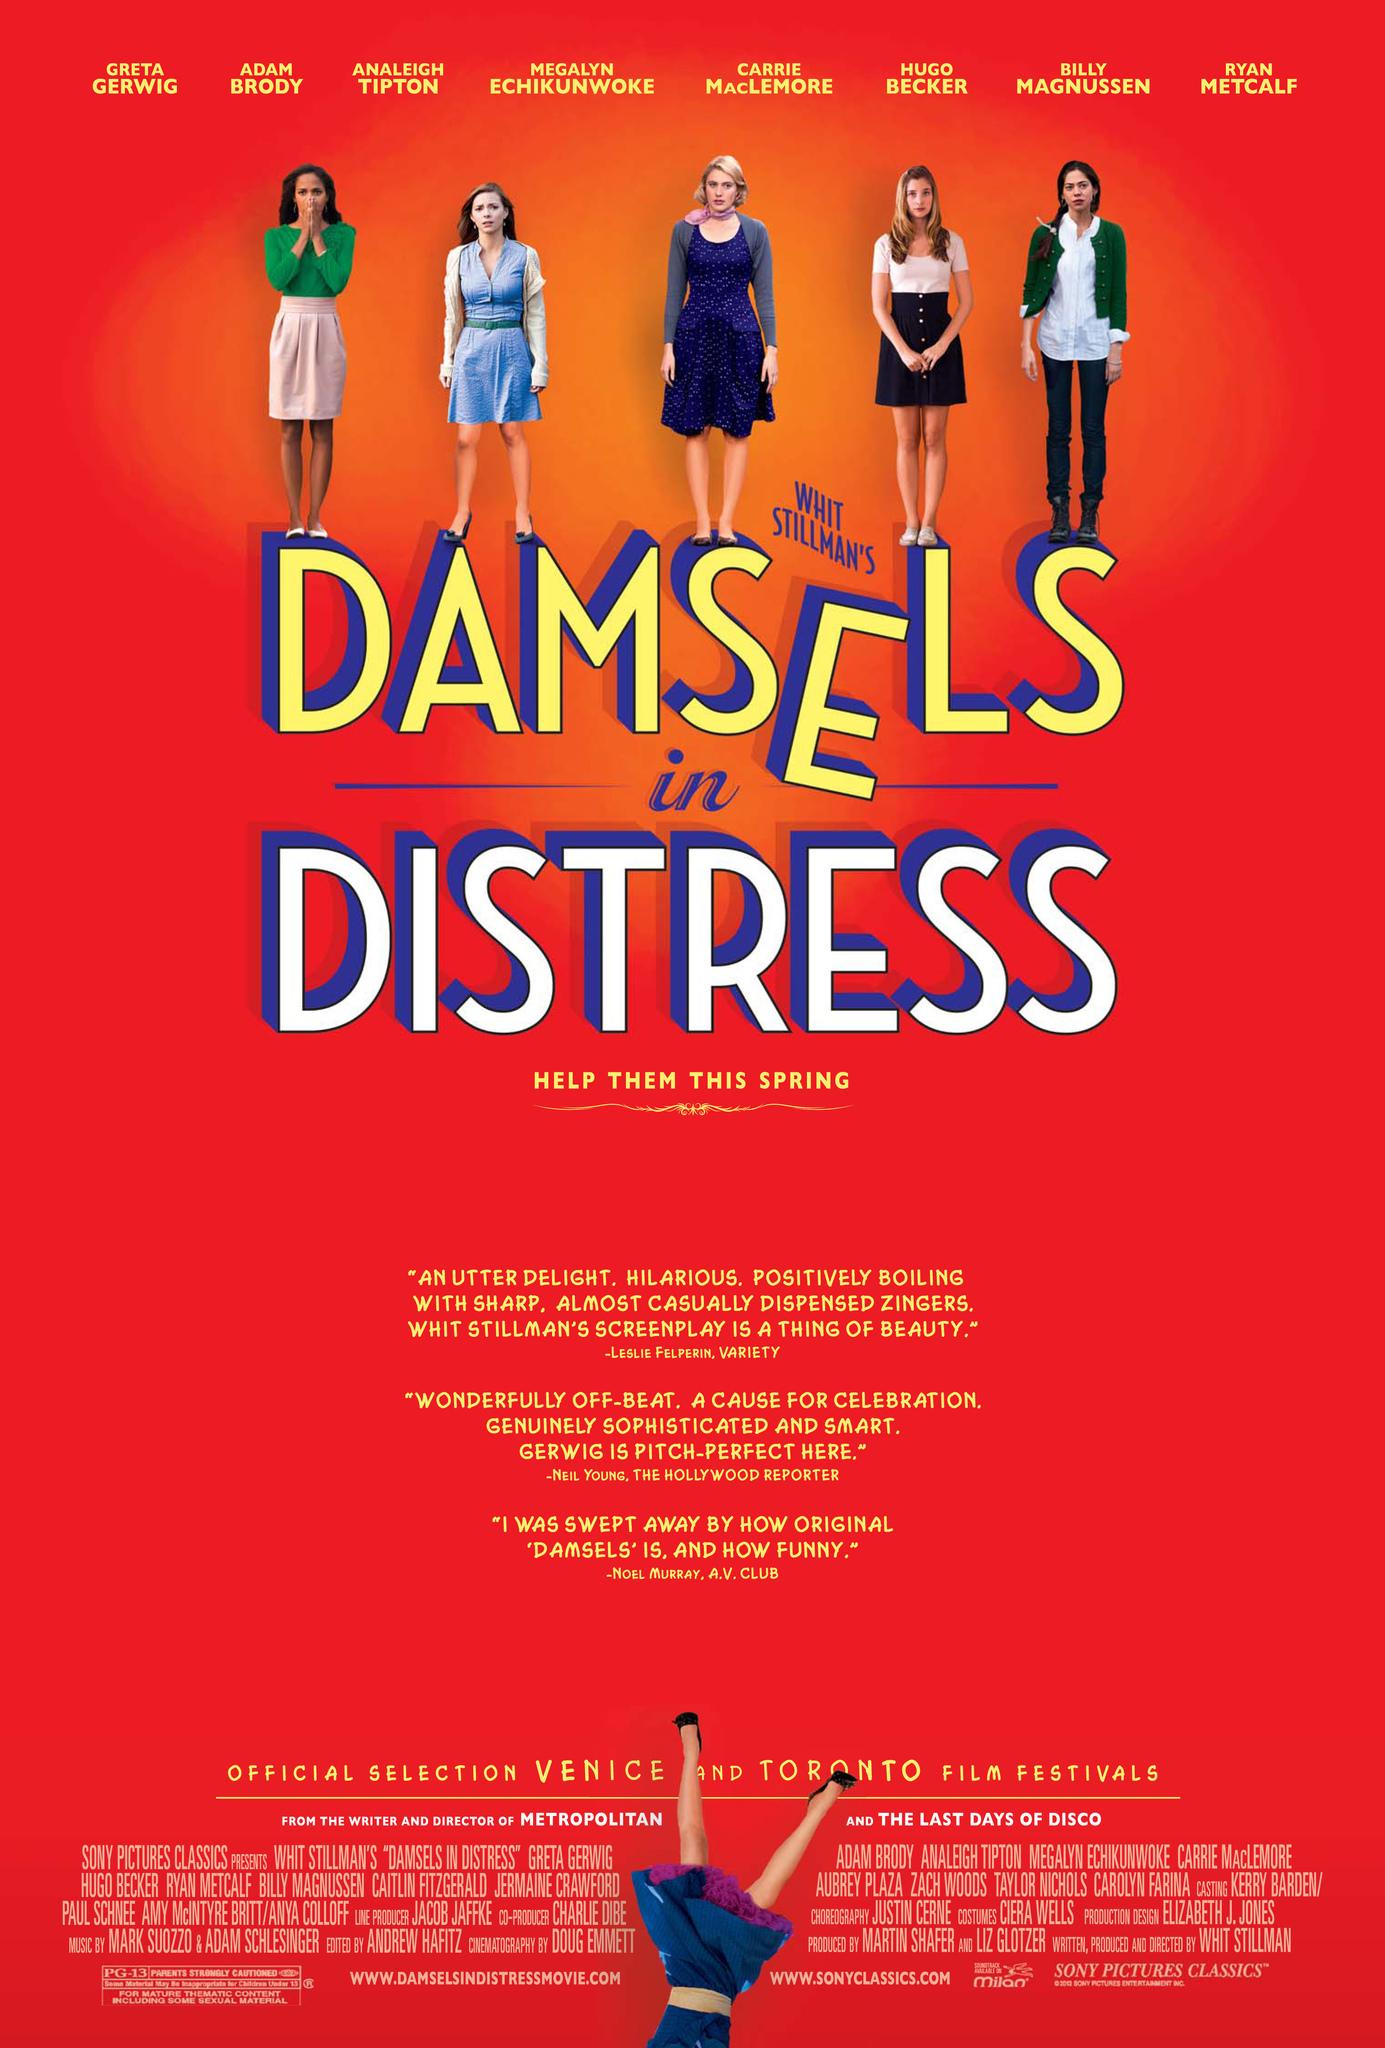 Damsels in trouble